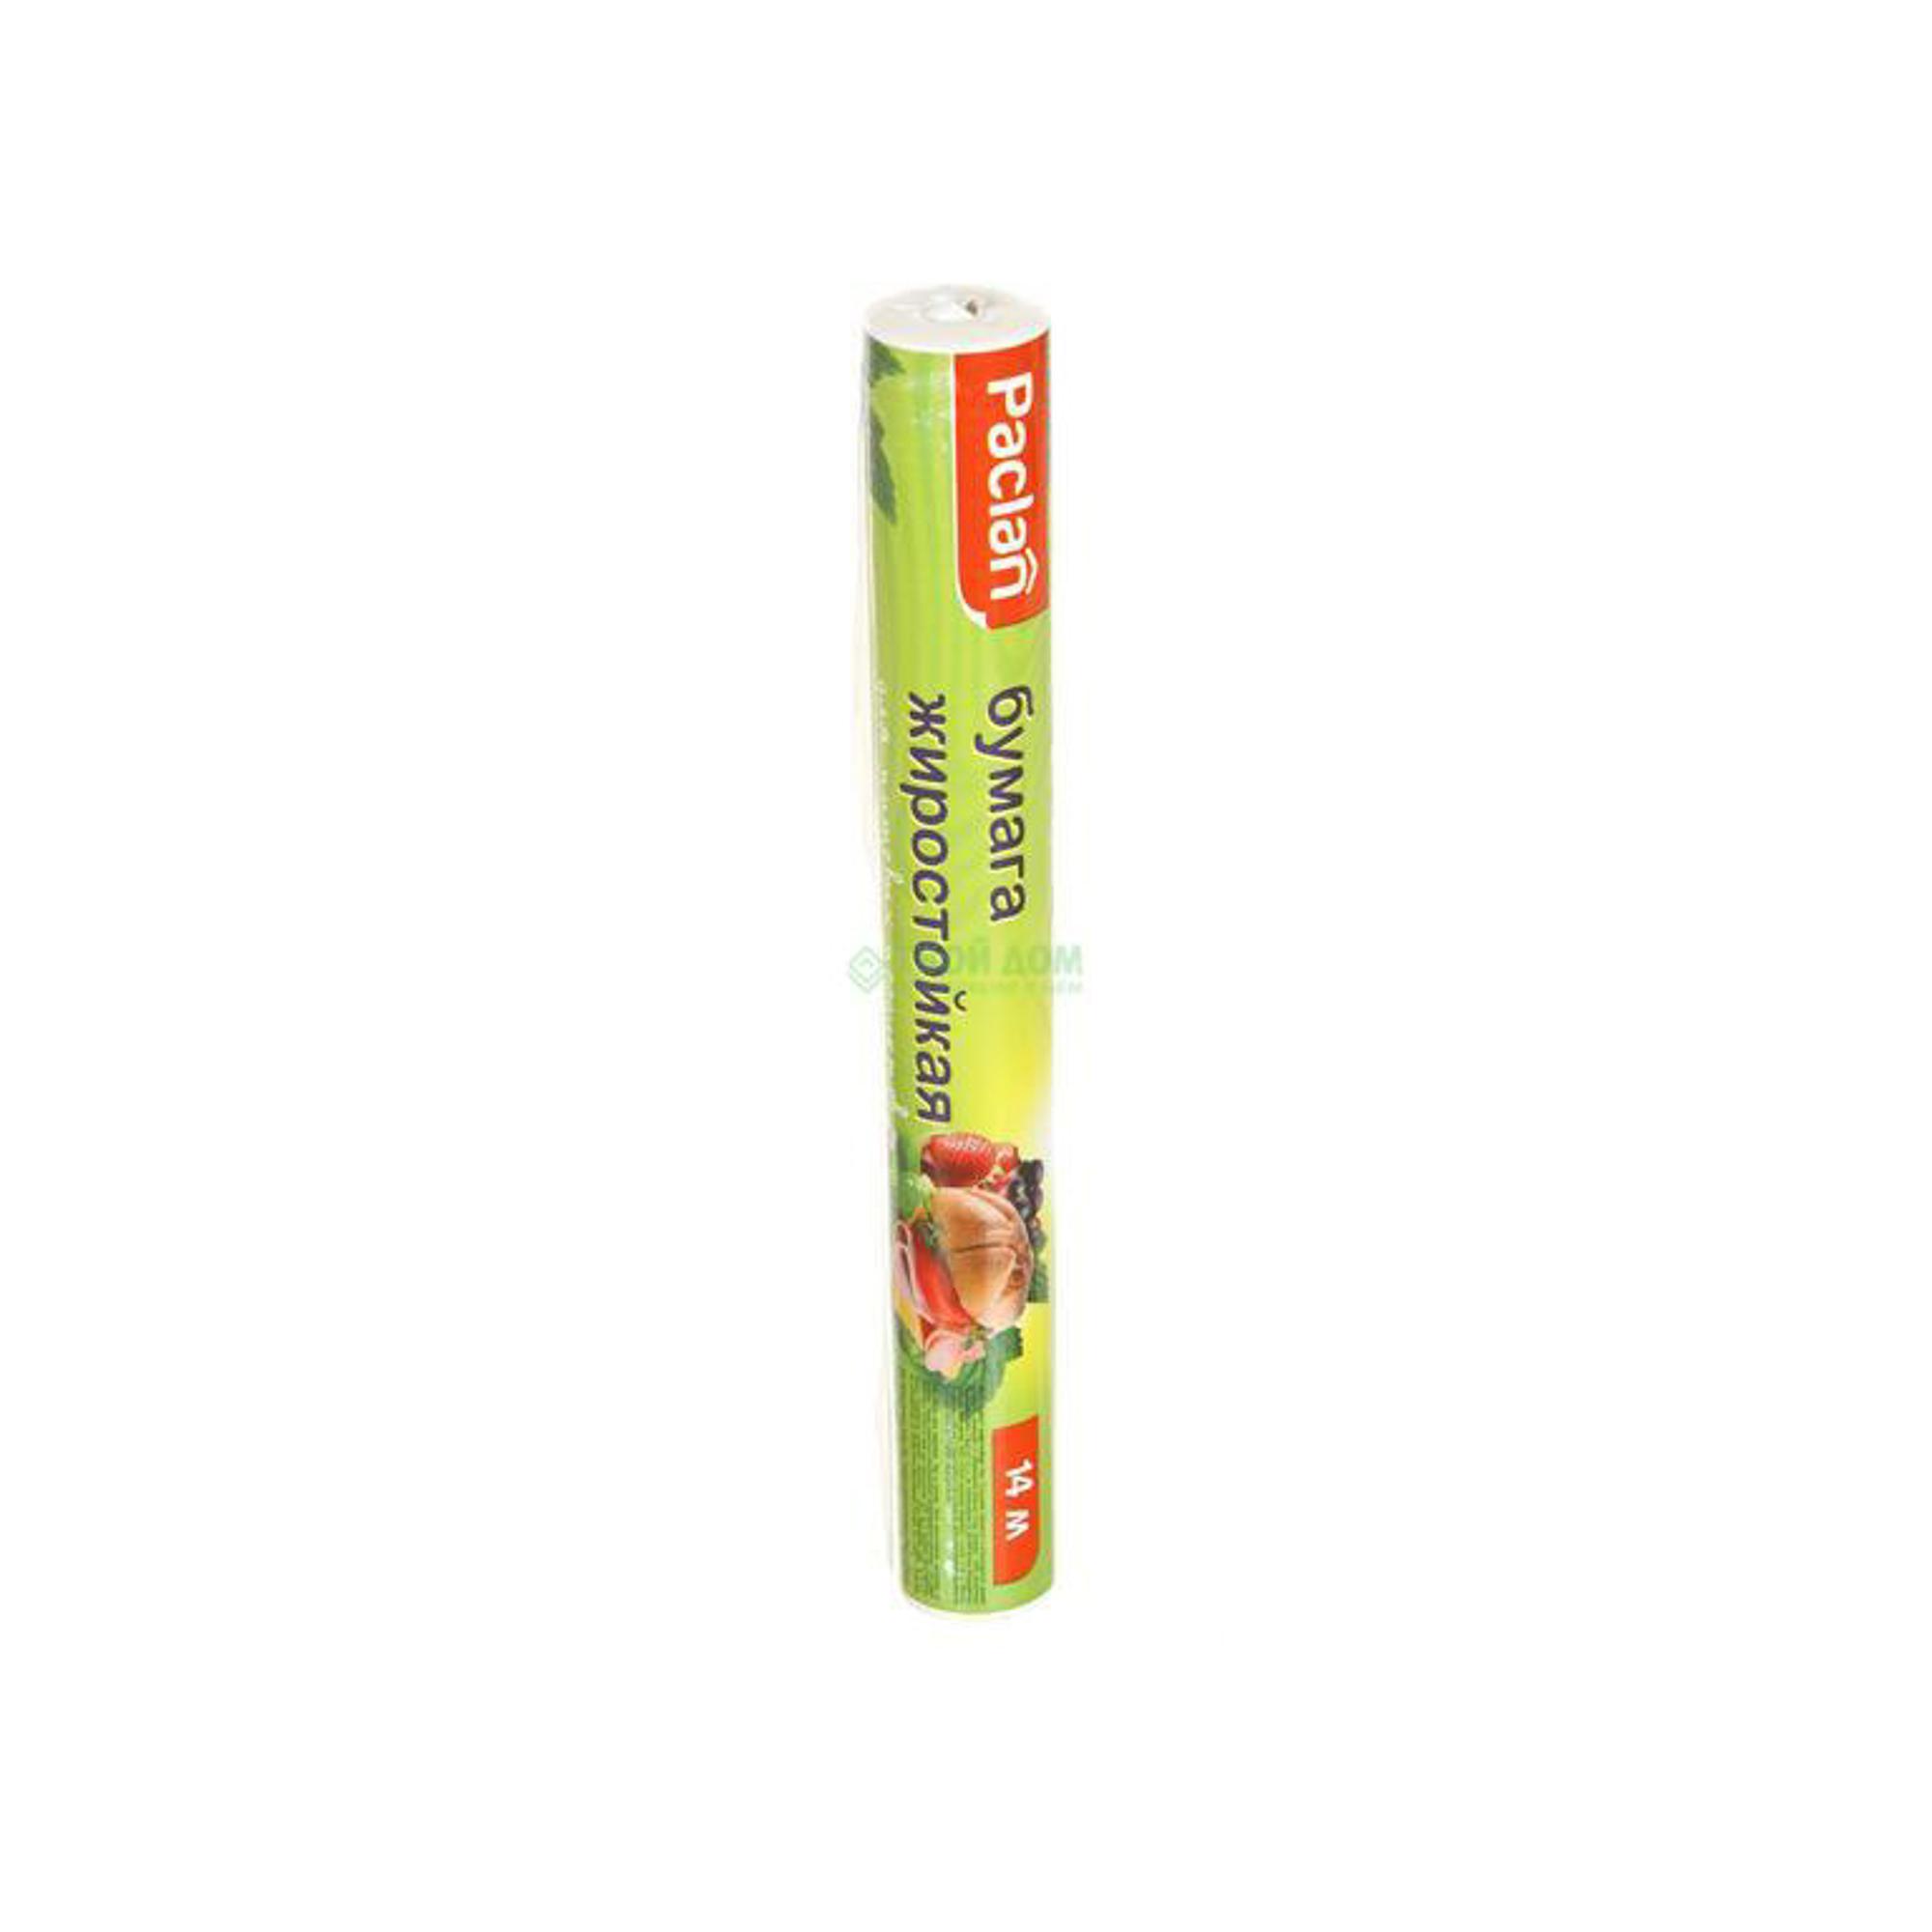 Бумага для хранения продуктов Paclan жиростойкая 14 м.